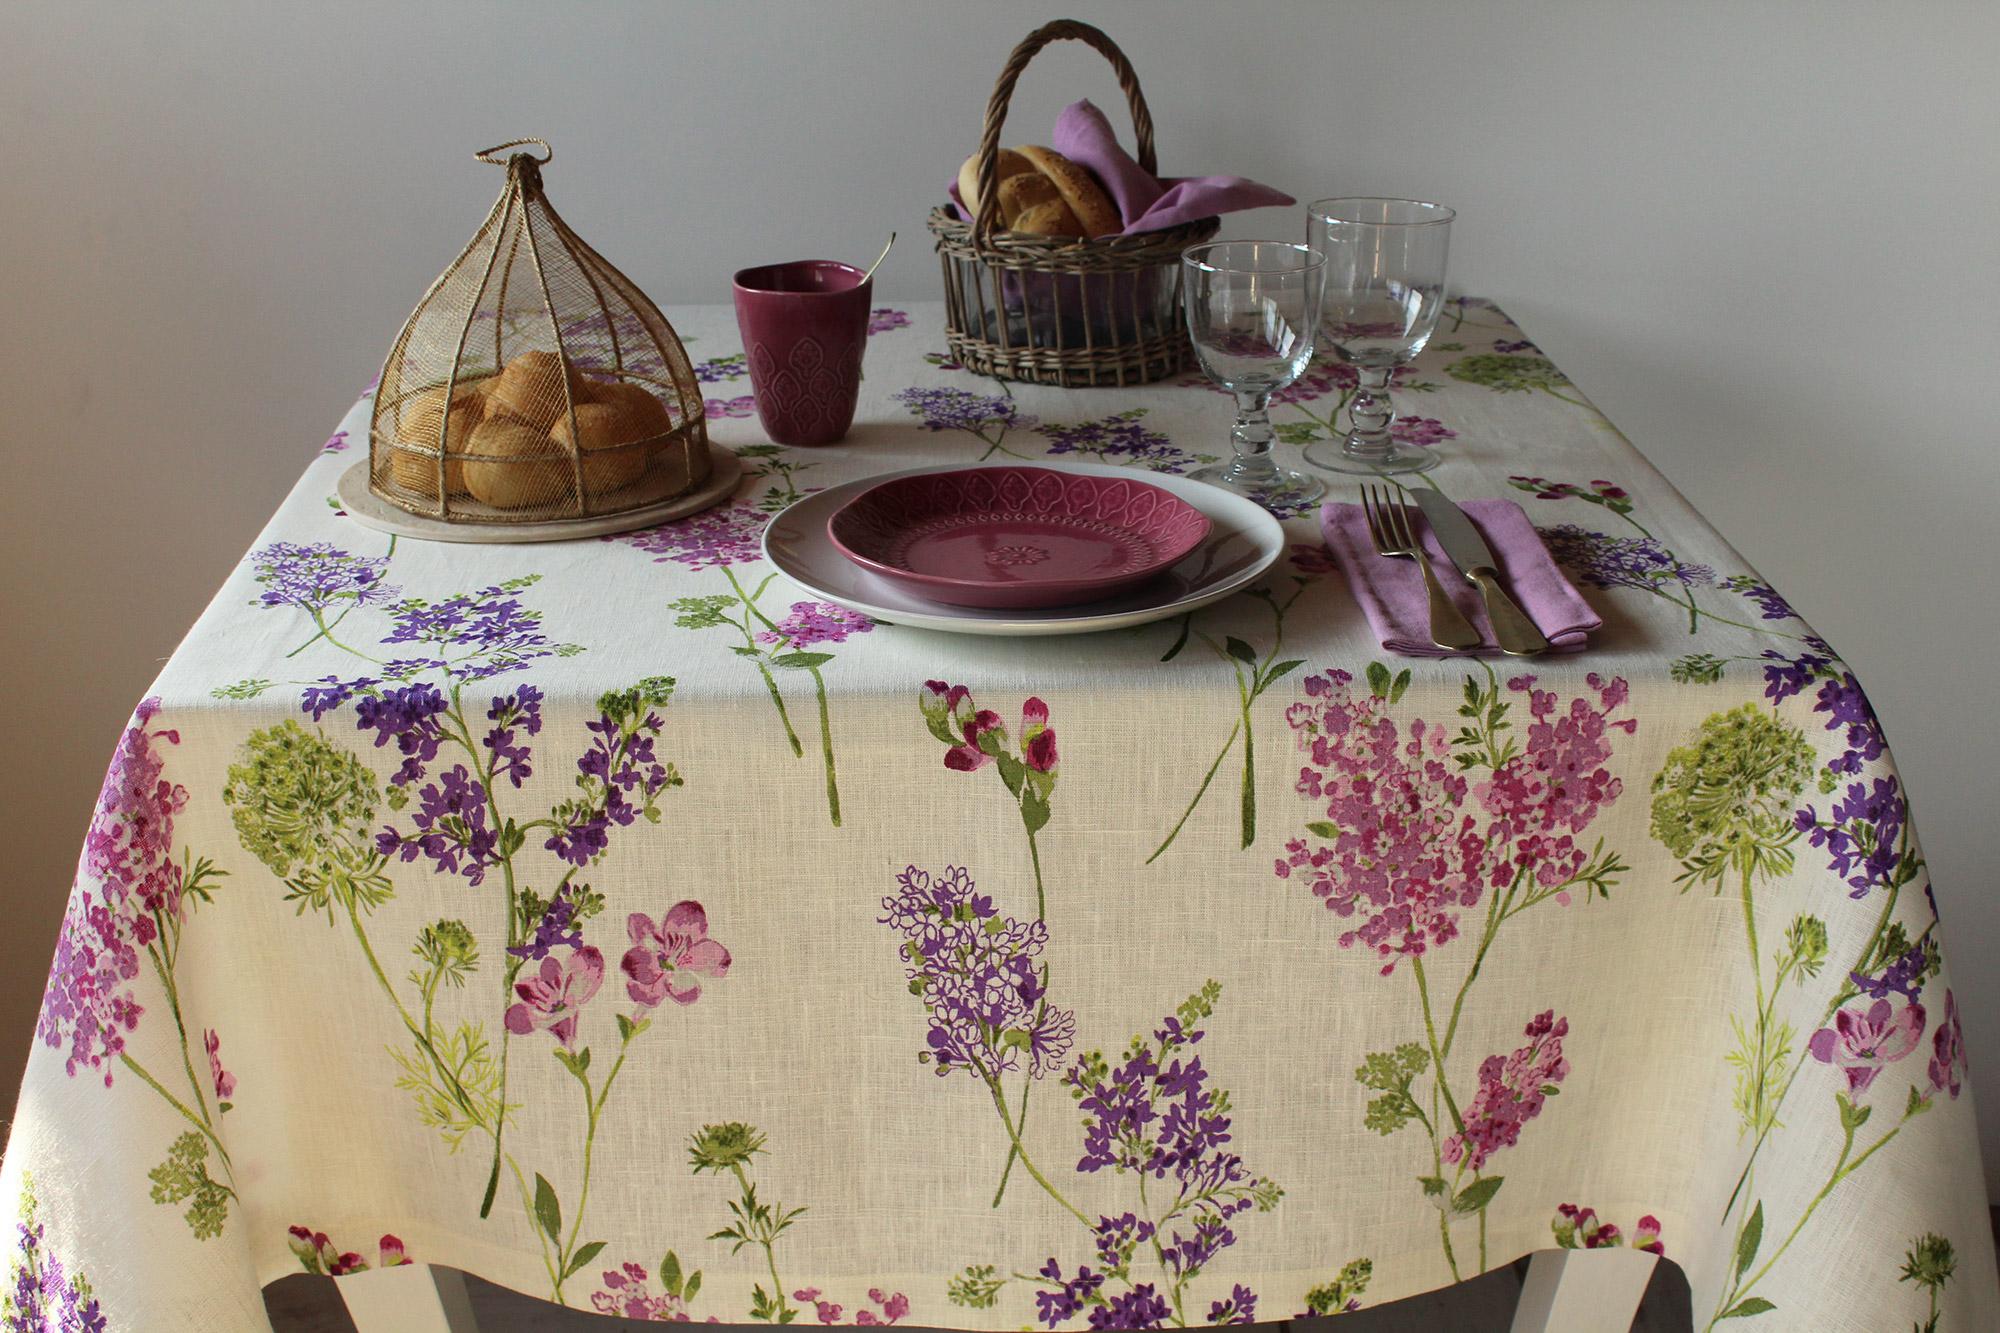 Gallery of tovaglia lilas with articoli per la casa online for Accessori per la casa online